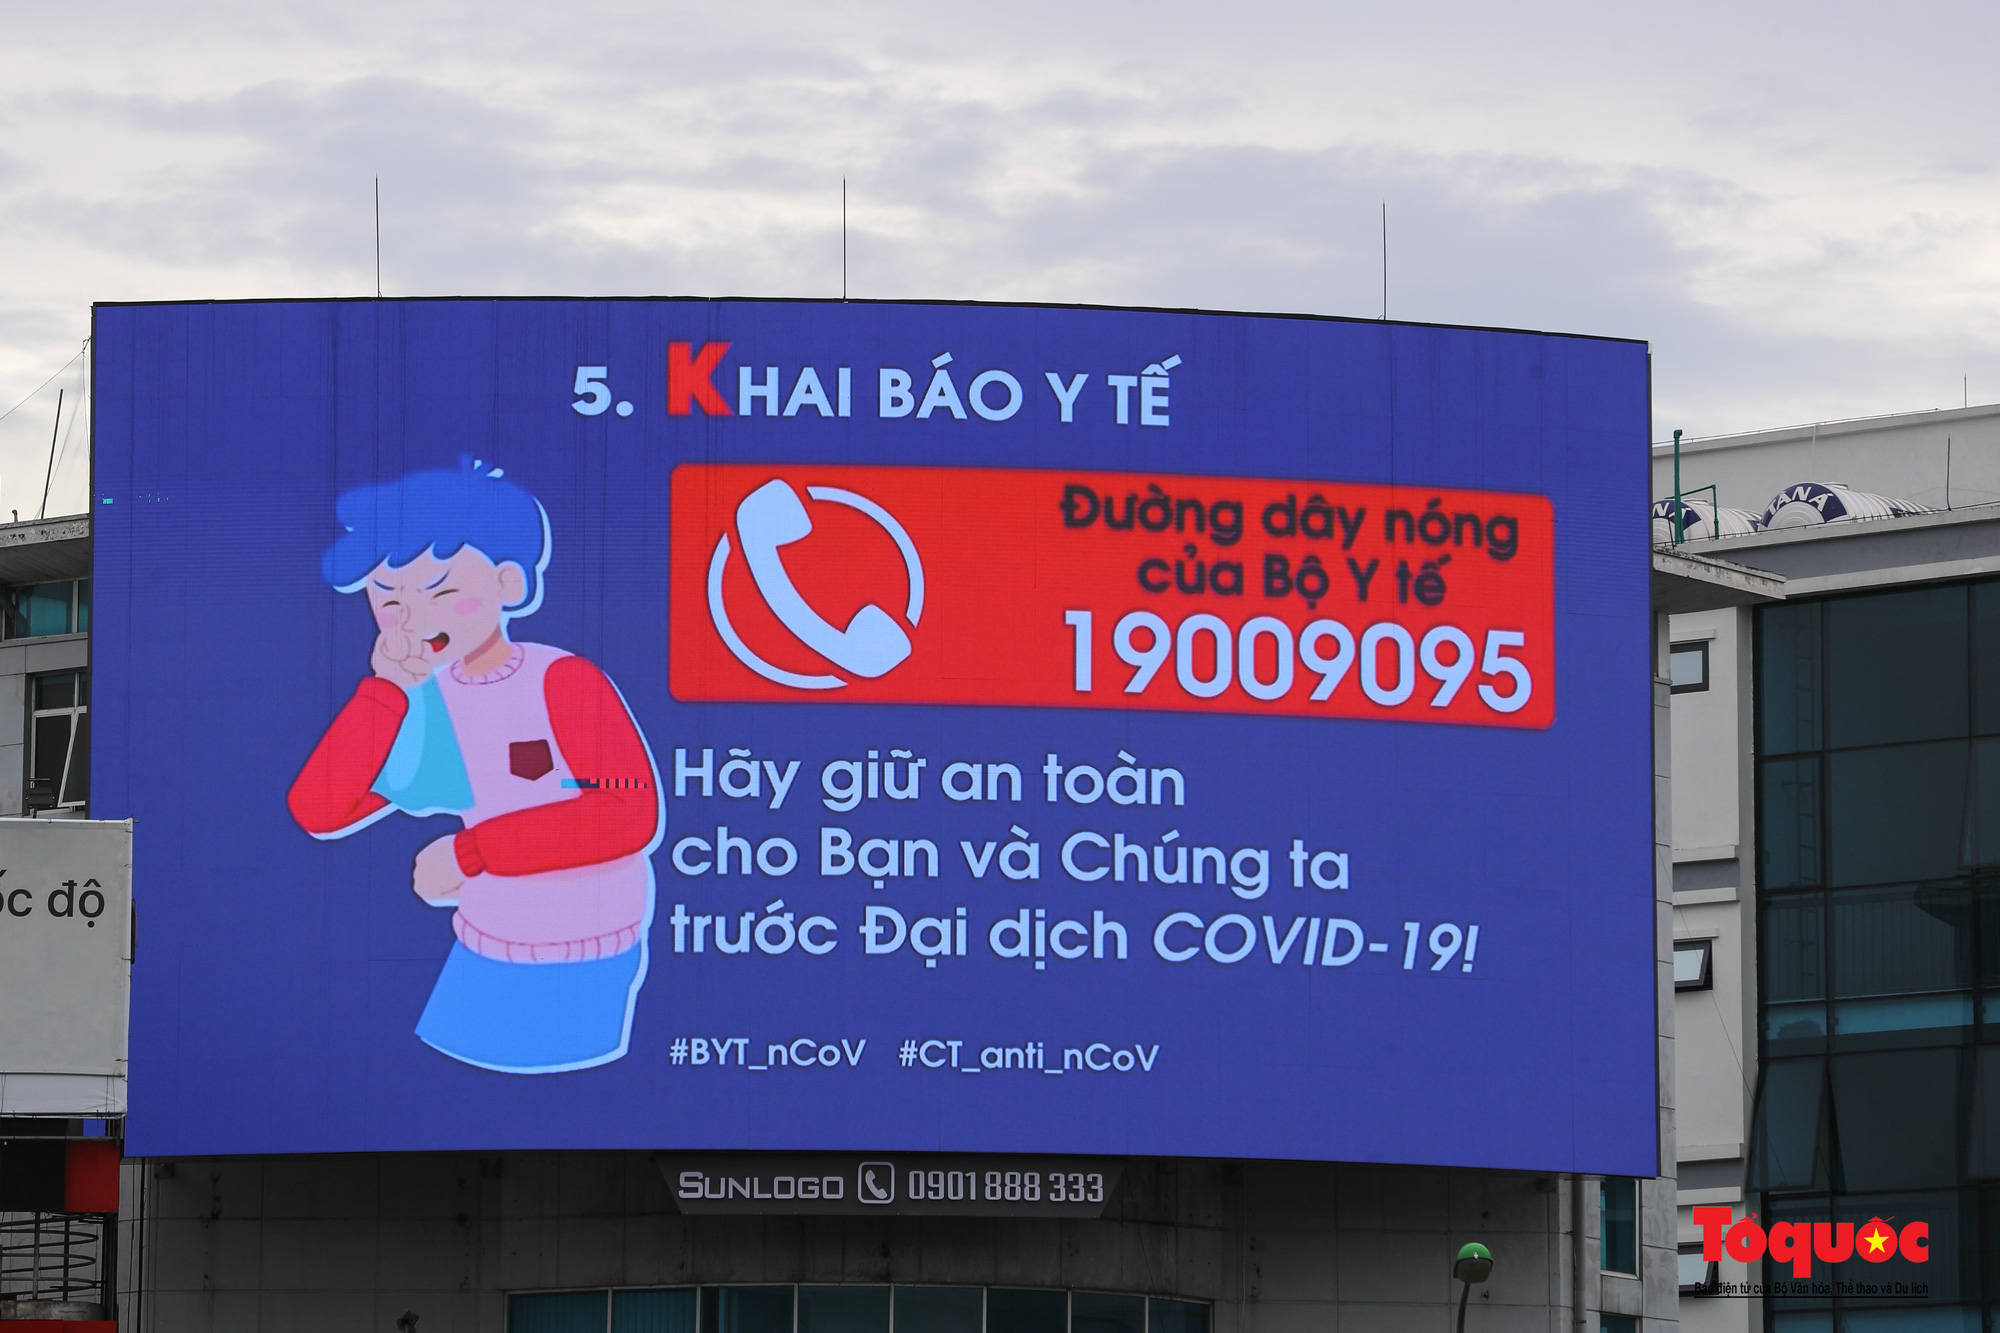 Pano, hình ảnh cổ động phòng chống dịch COVID-19 trên khắp đường phố Hà Nội - Ảnh 10.